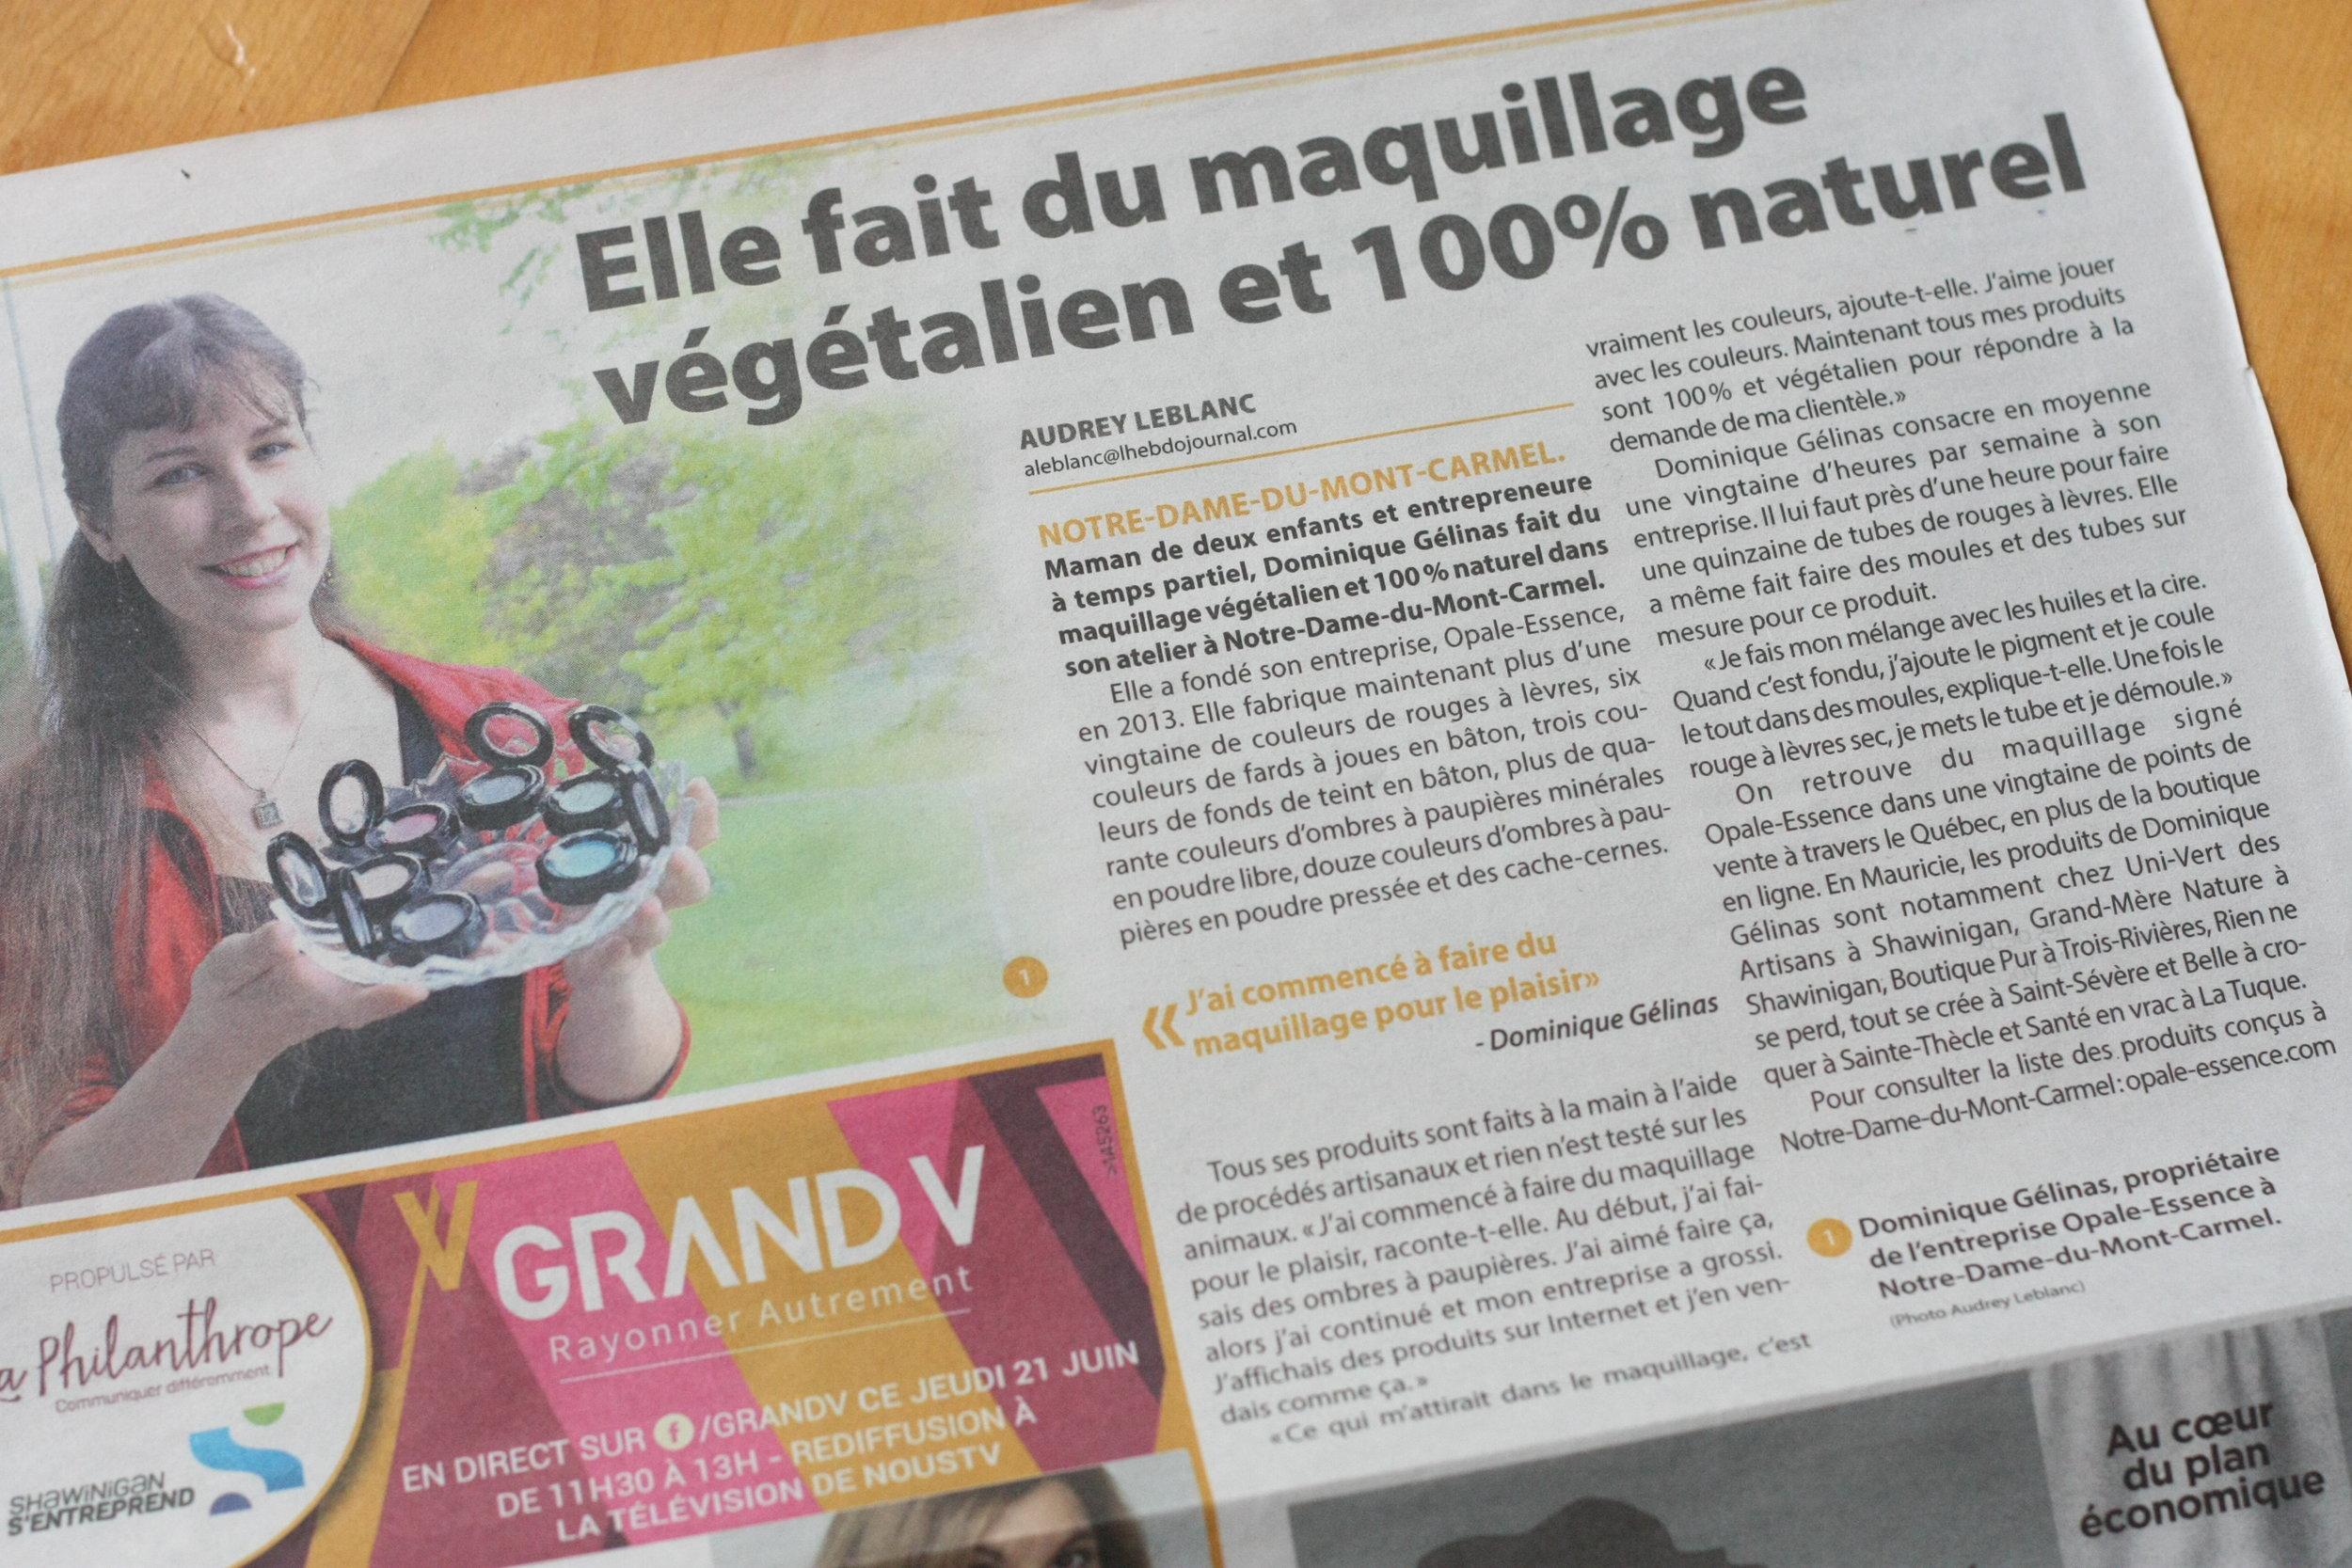 Reportage publié dans L'Hebdo journal, le 20 juin 2018